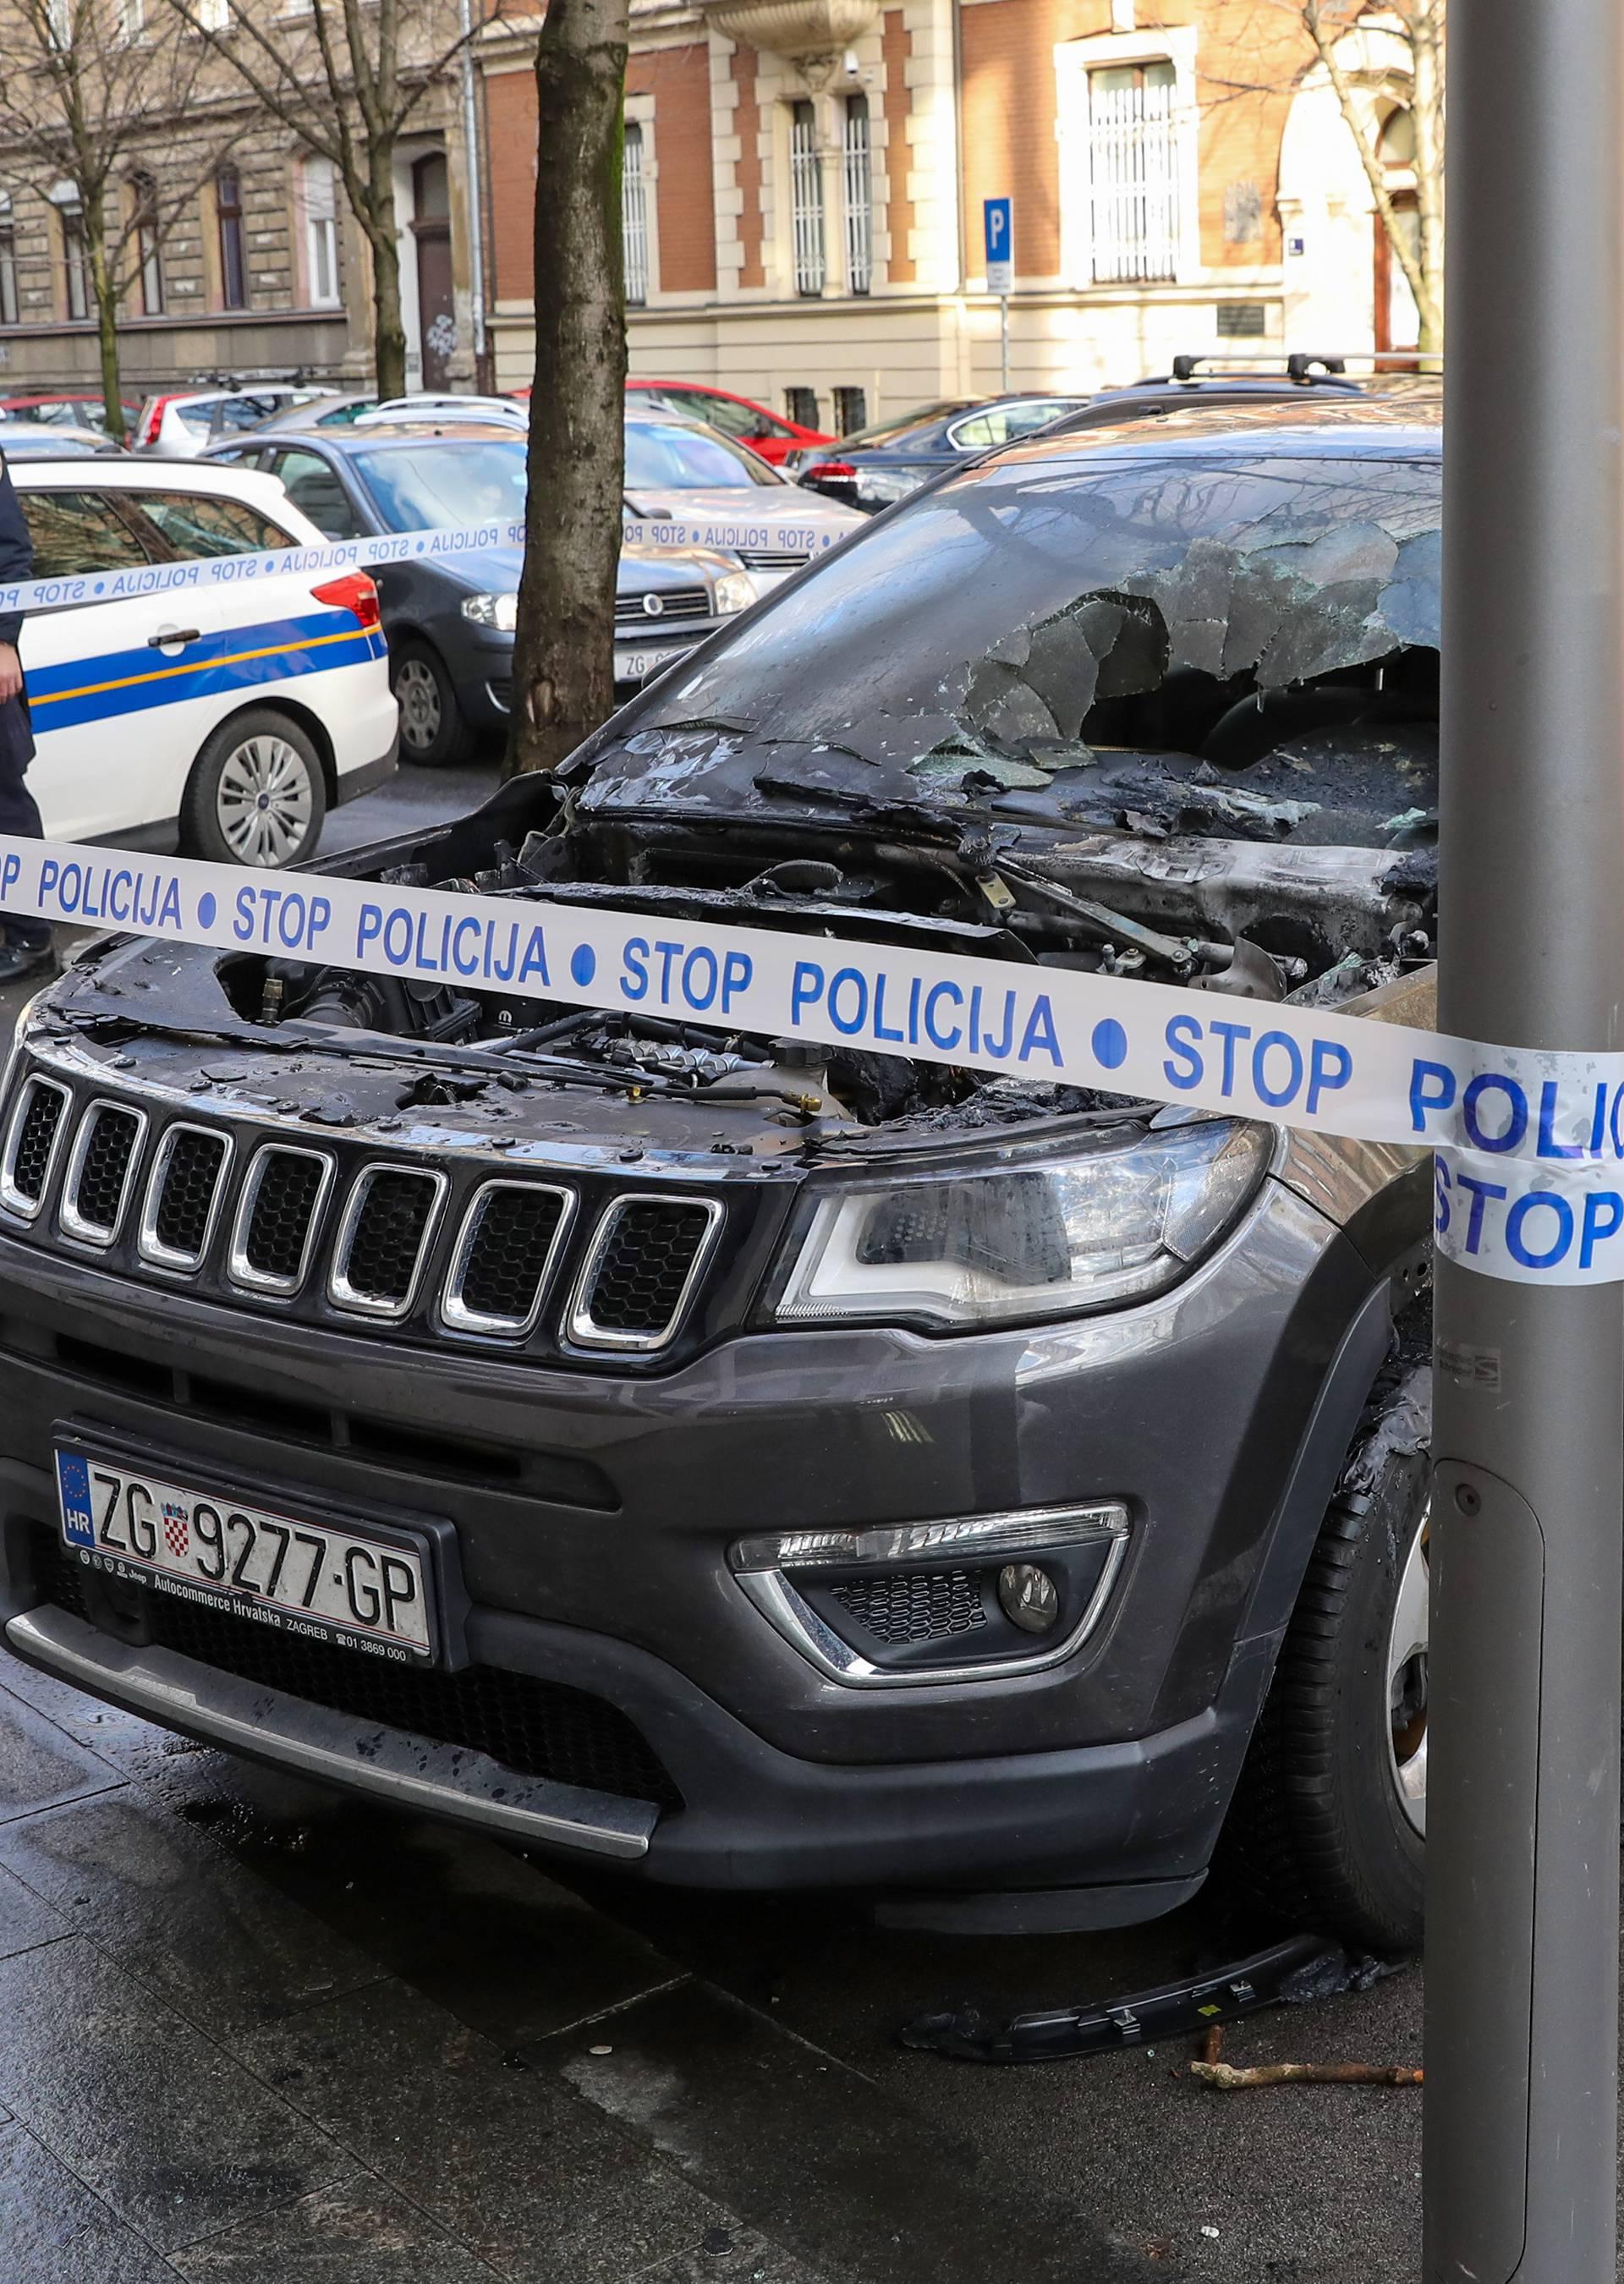 Bacili zapaljivu stvar na auto u Zagrebu, savila mu se hauba